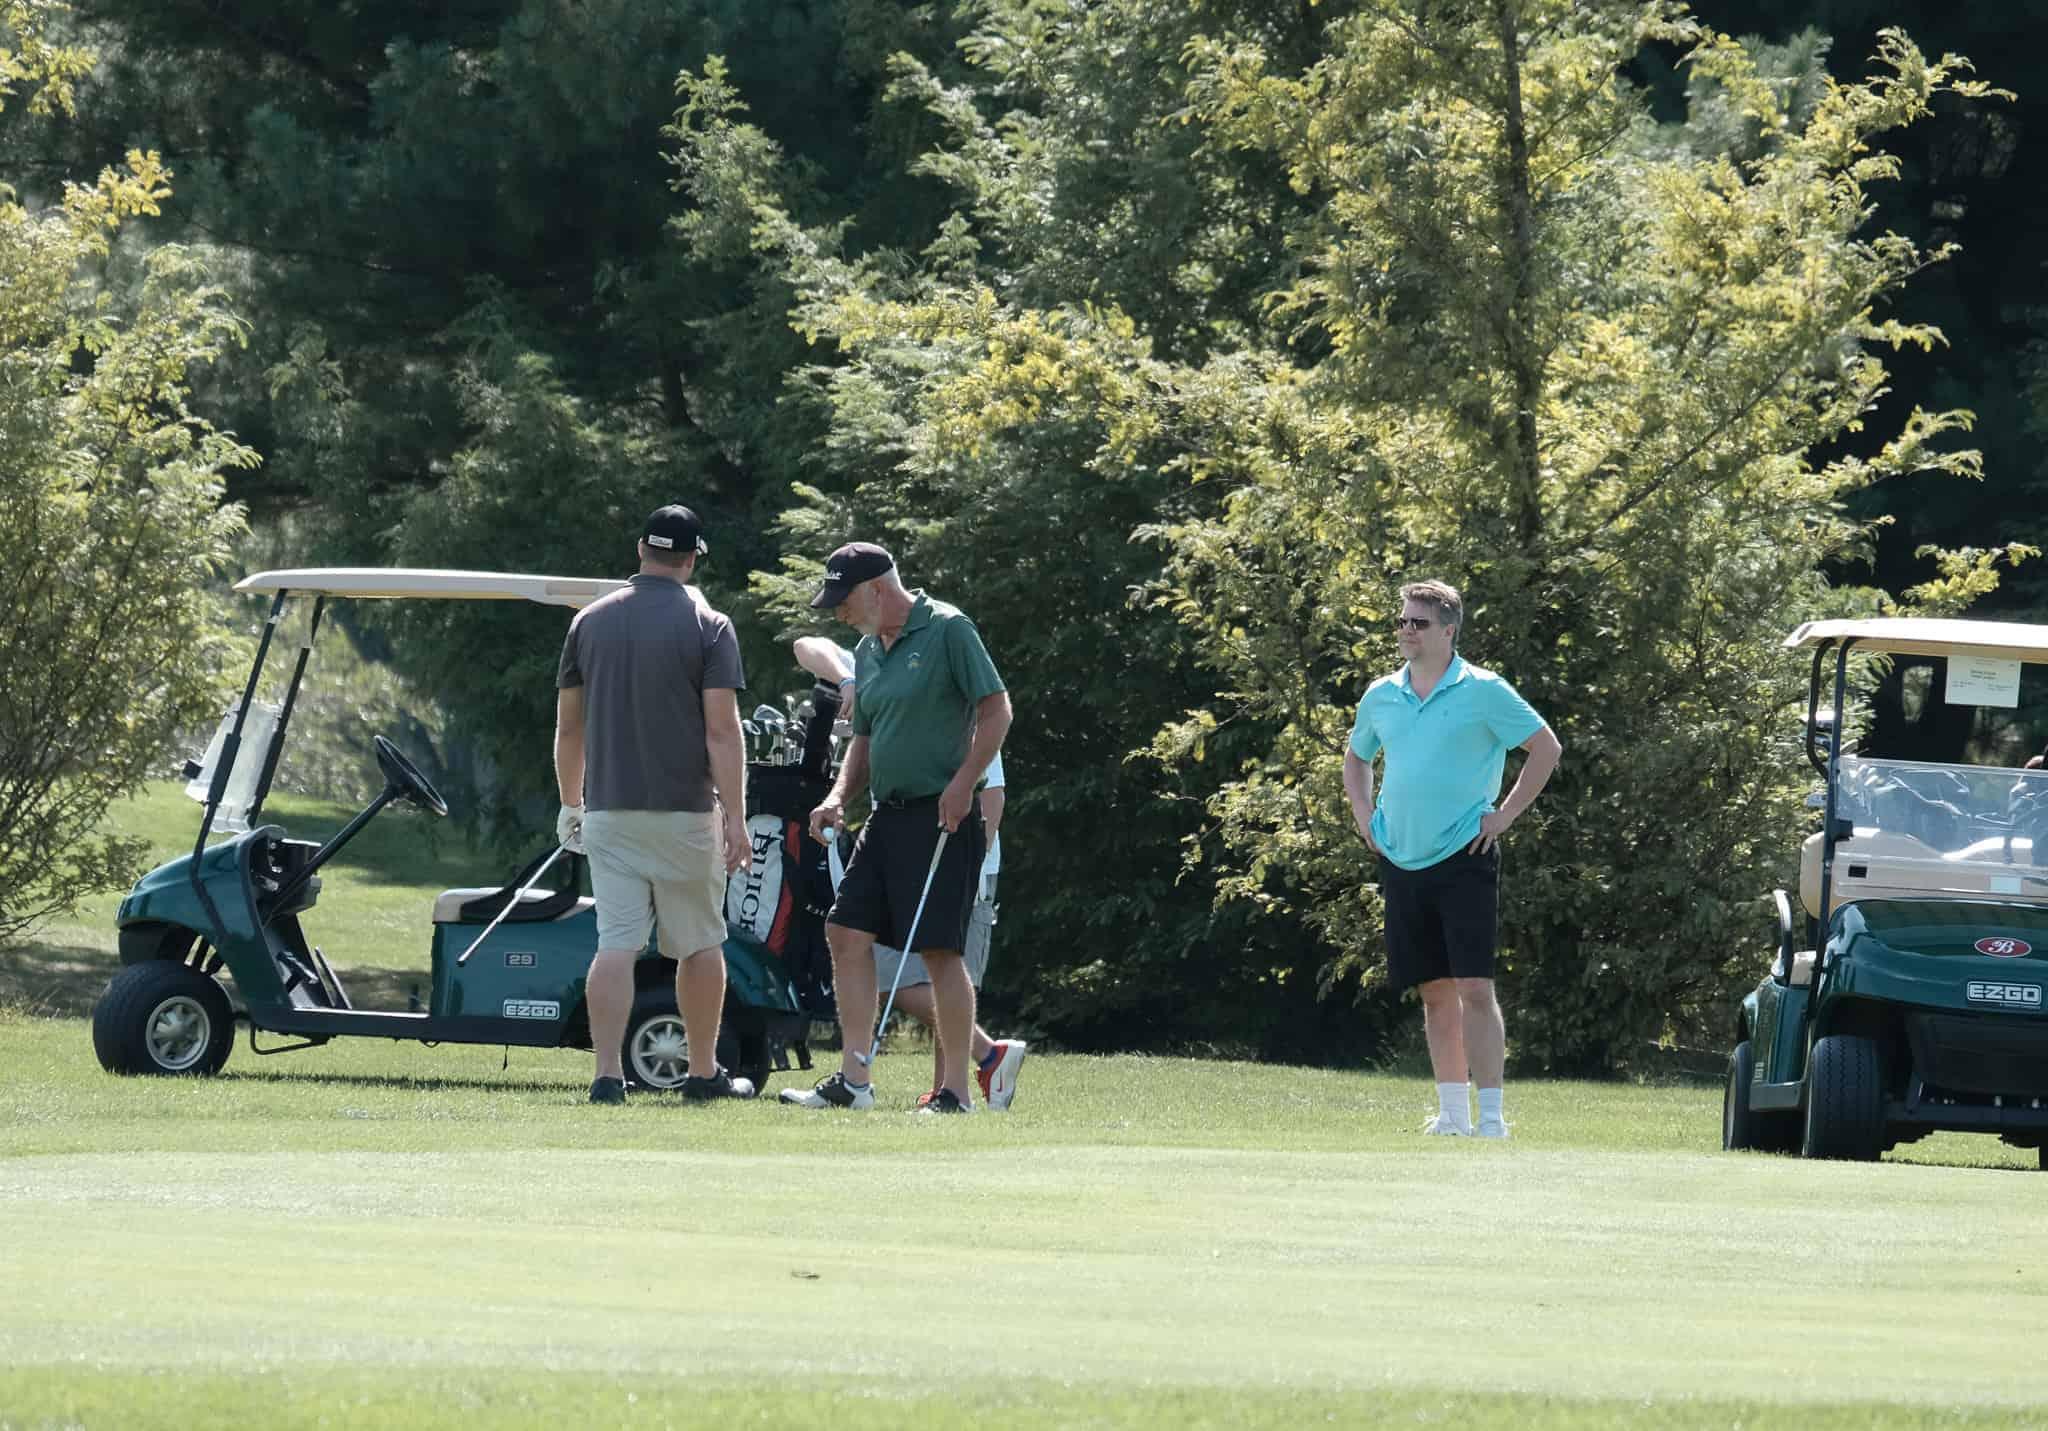 GolfOuting2019 (26 of 61)